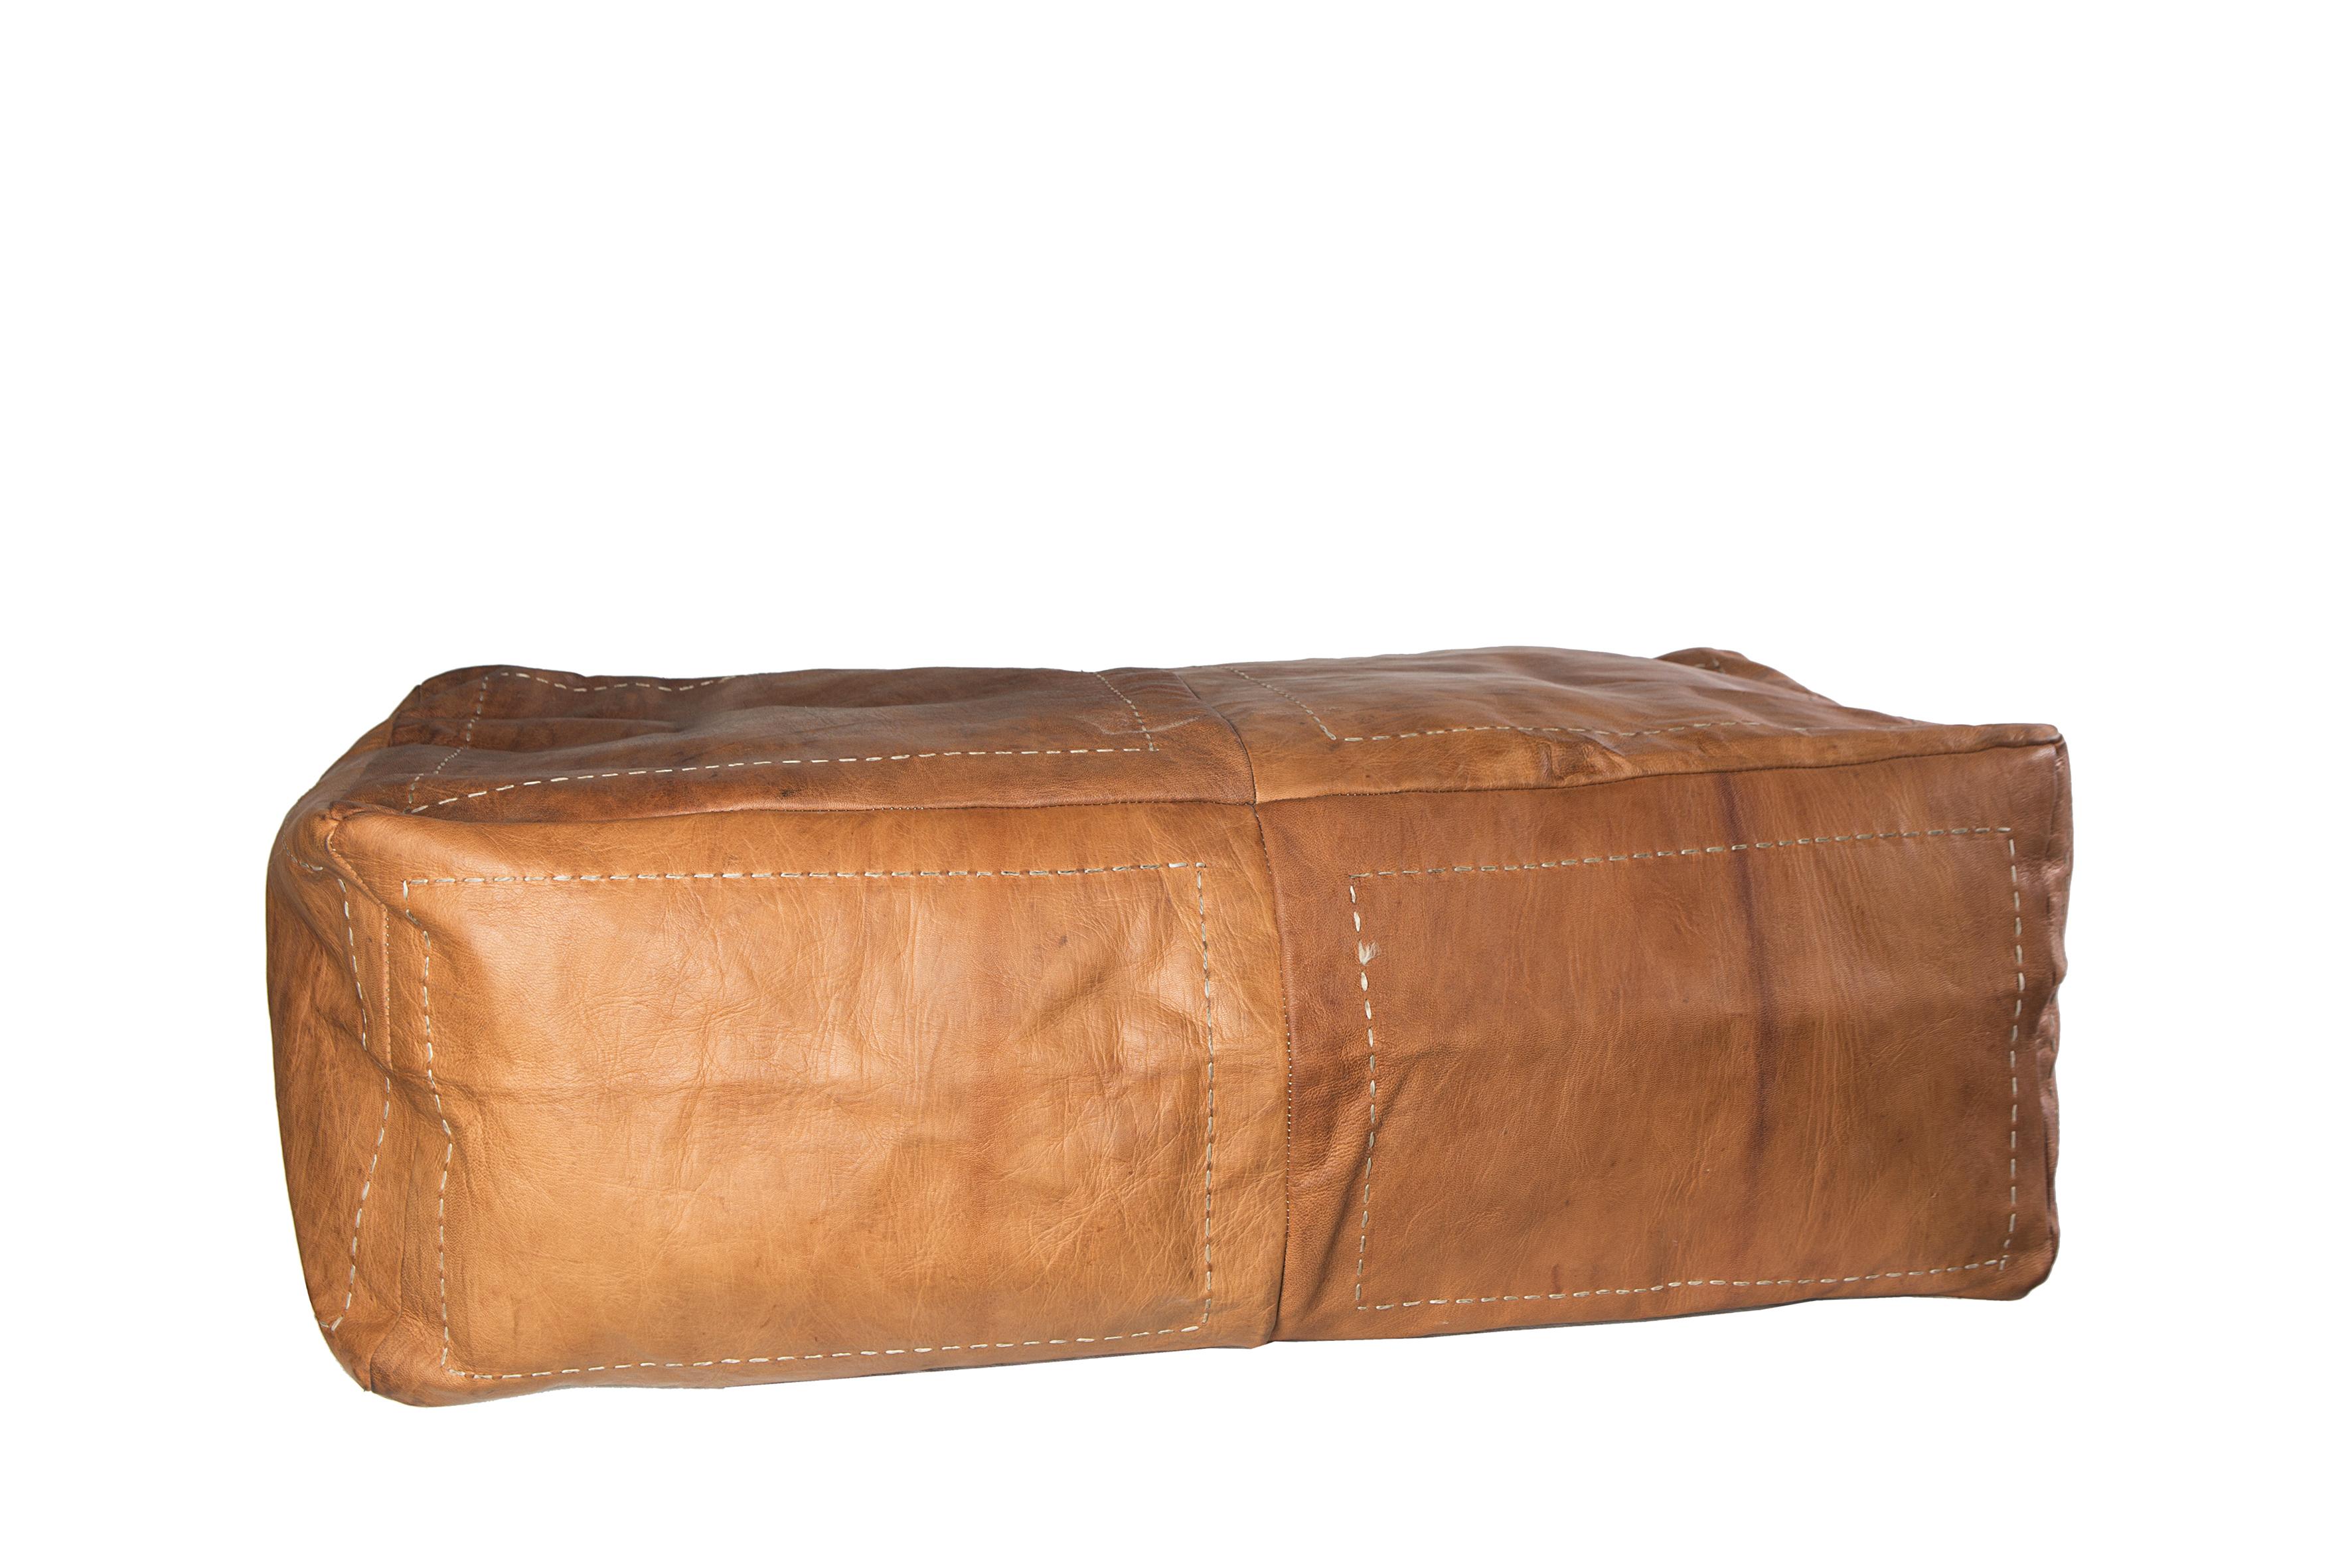 Håndlavet stor marokkansk læderpuf - Brun